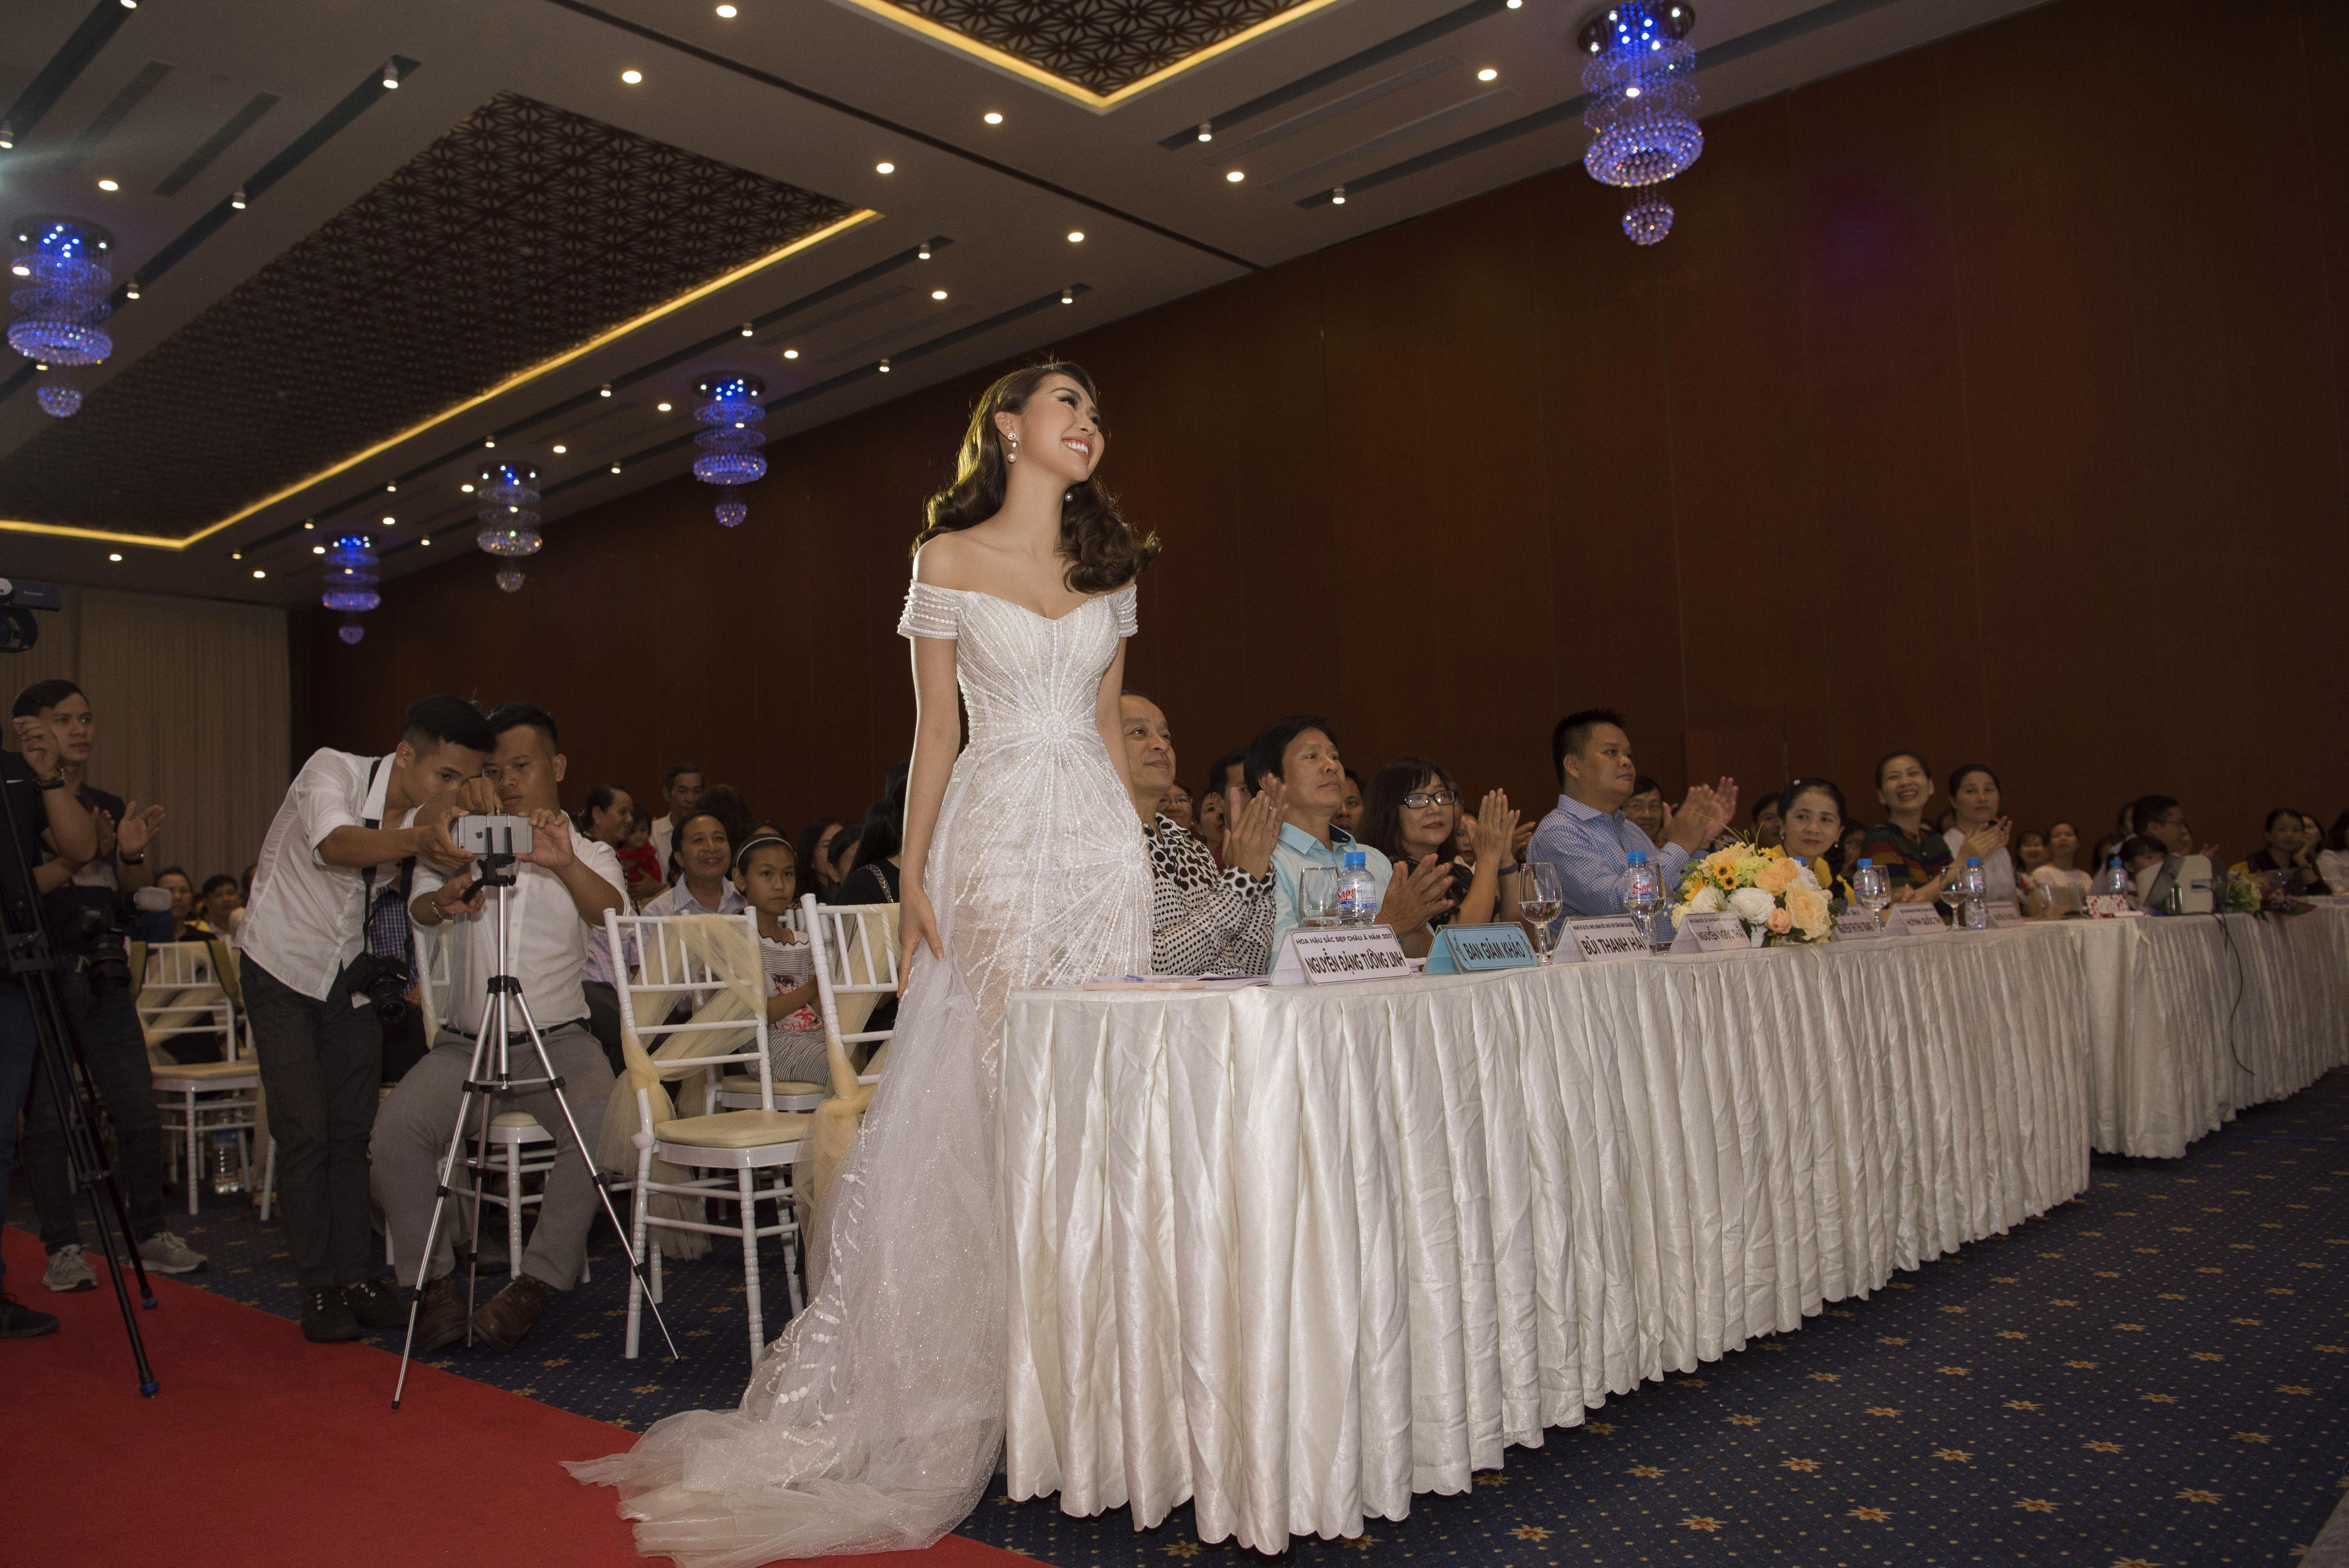 Hoa hậu Tường Linh xinh như công chúa làm giám khảo cuộc sắc đẹp tại quê nhà 5